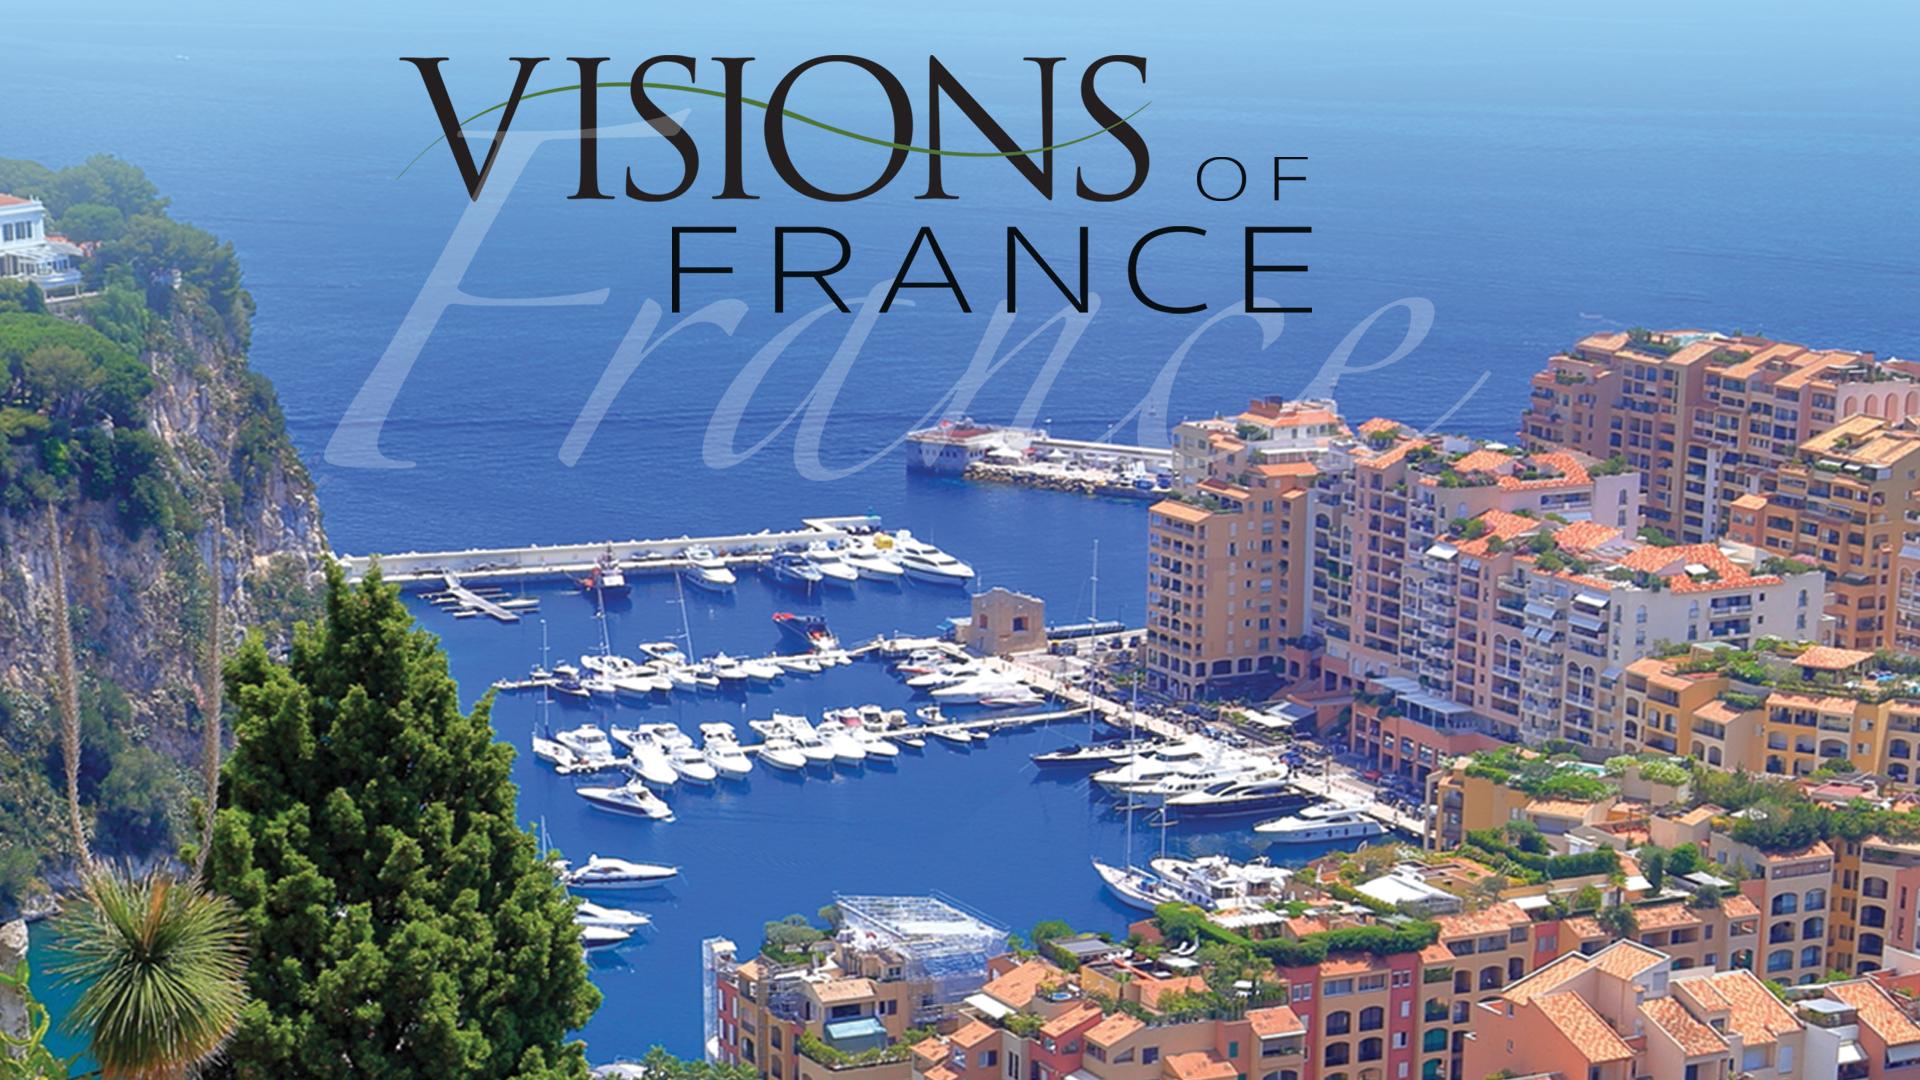 Visions of France Season 1